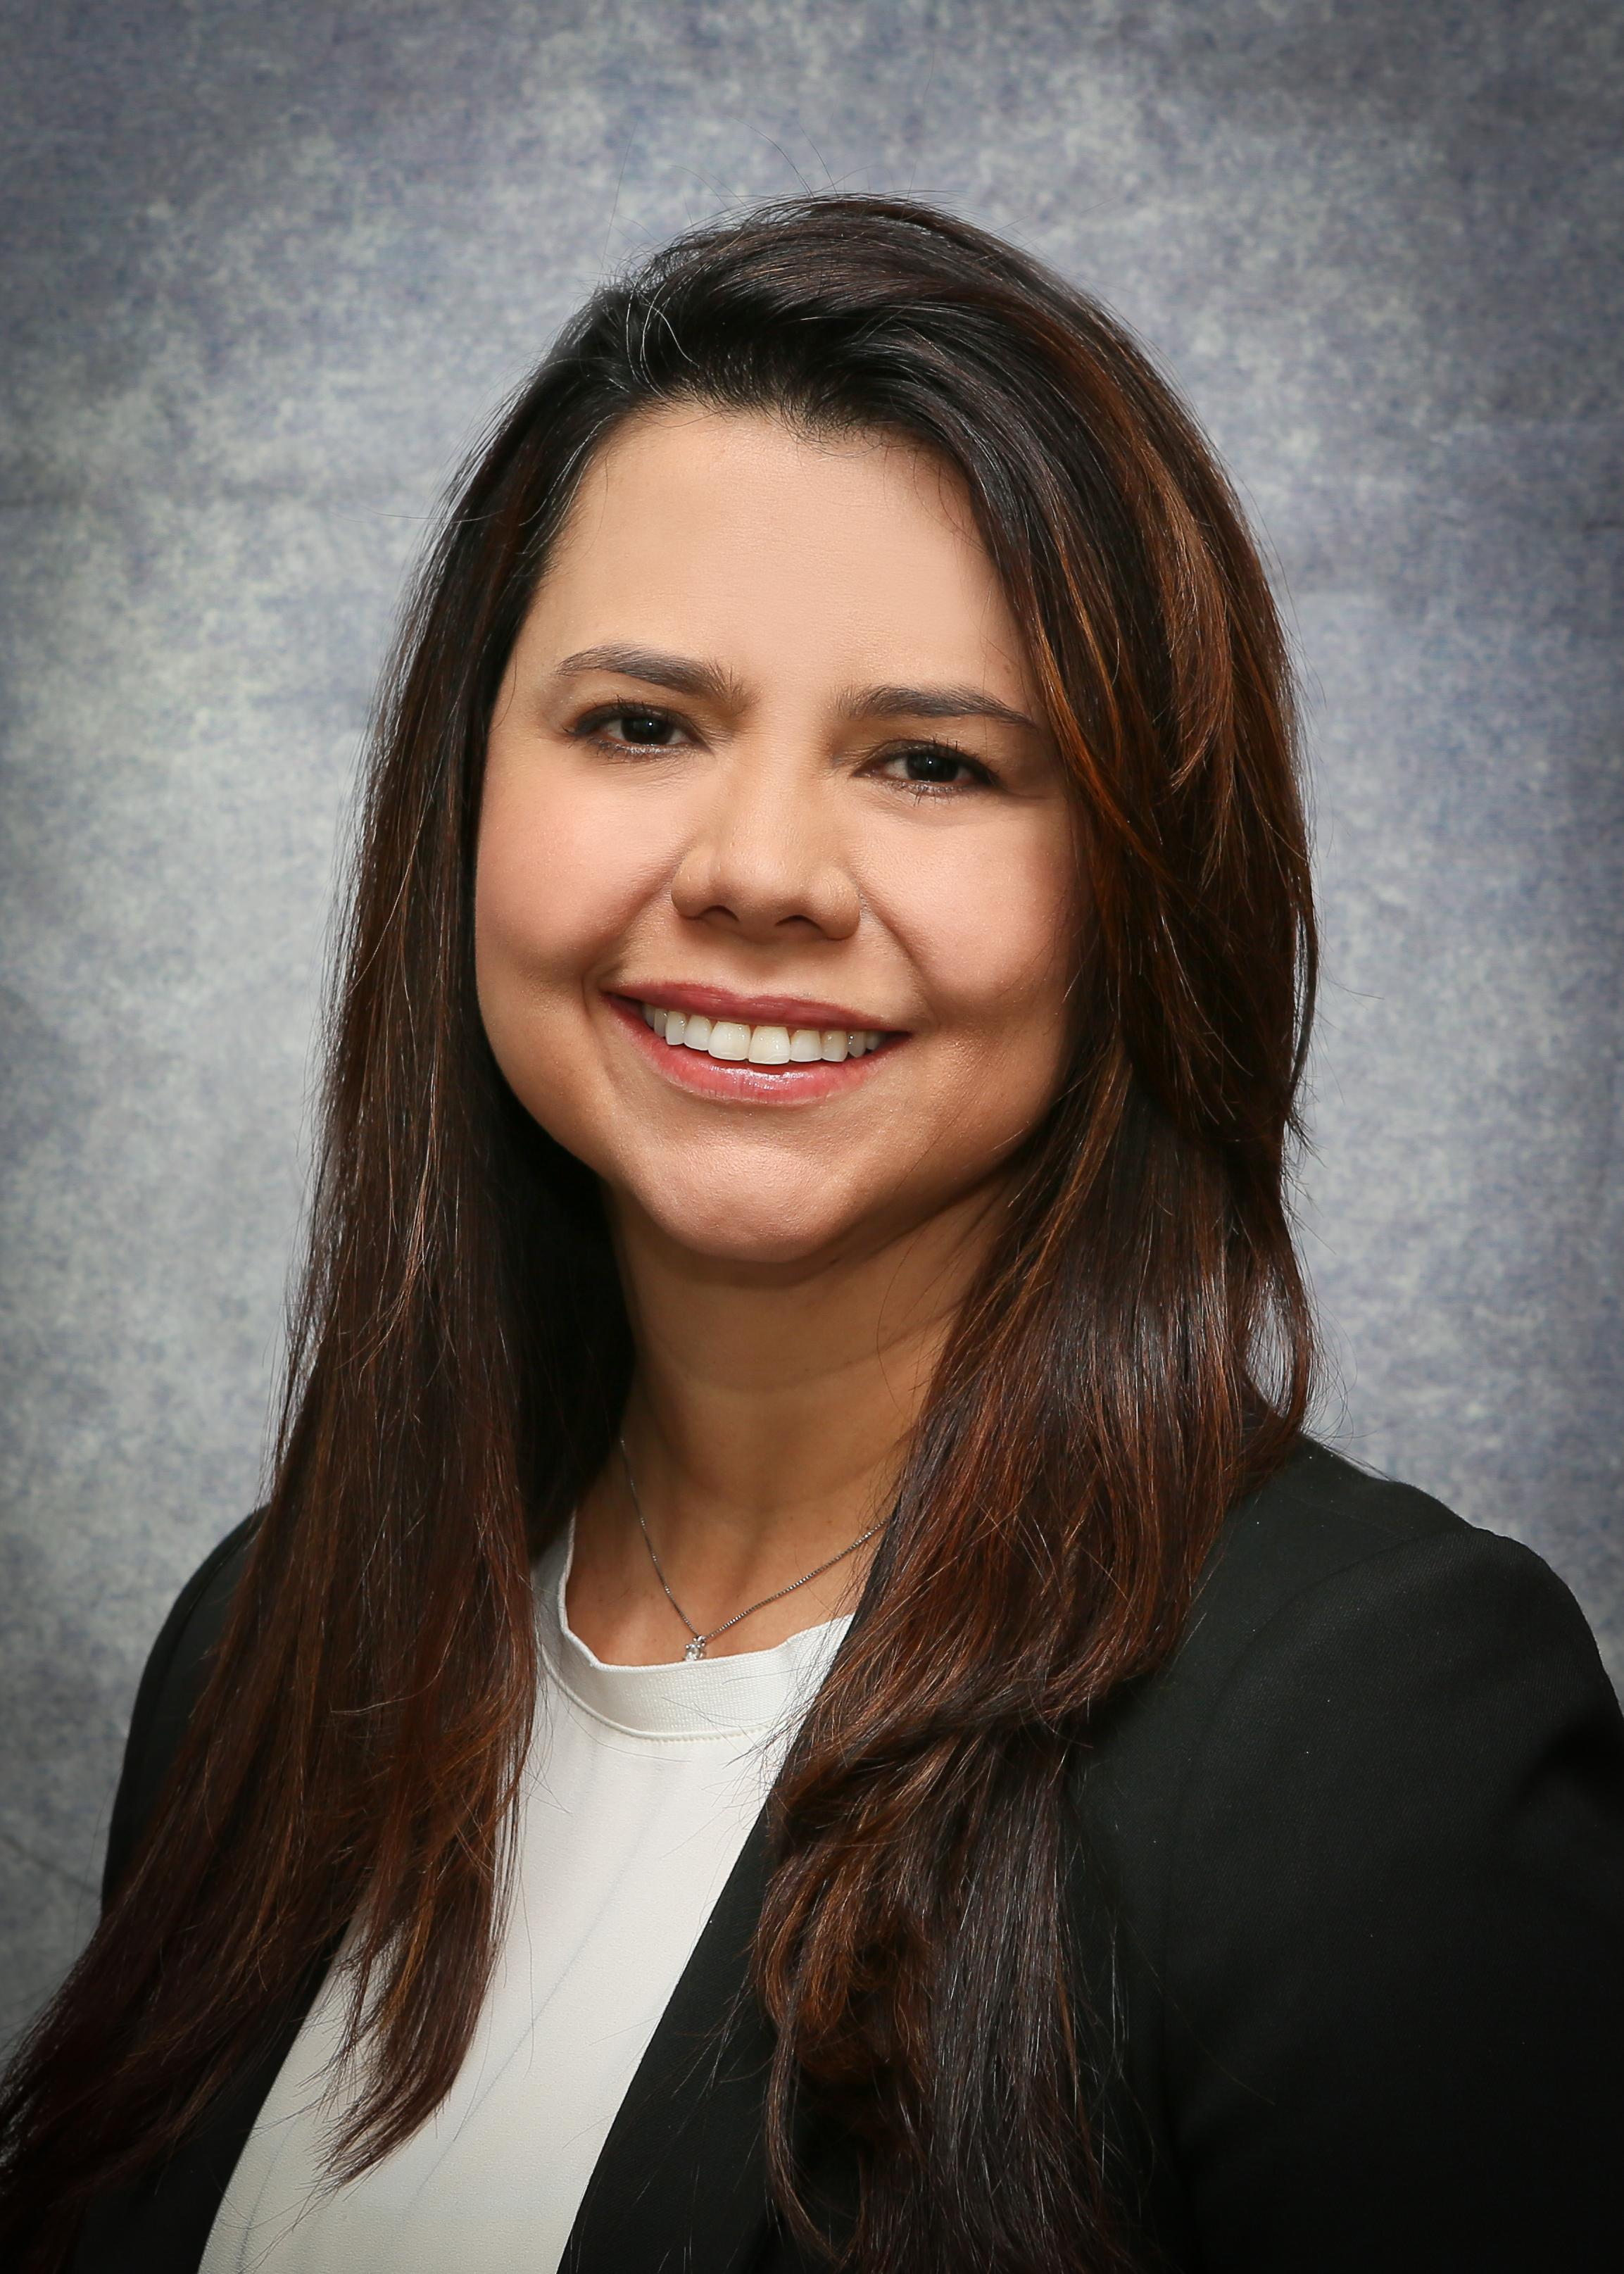 Xiomara Restrepo Jaramillo Dds Rochester Ny Wny